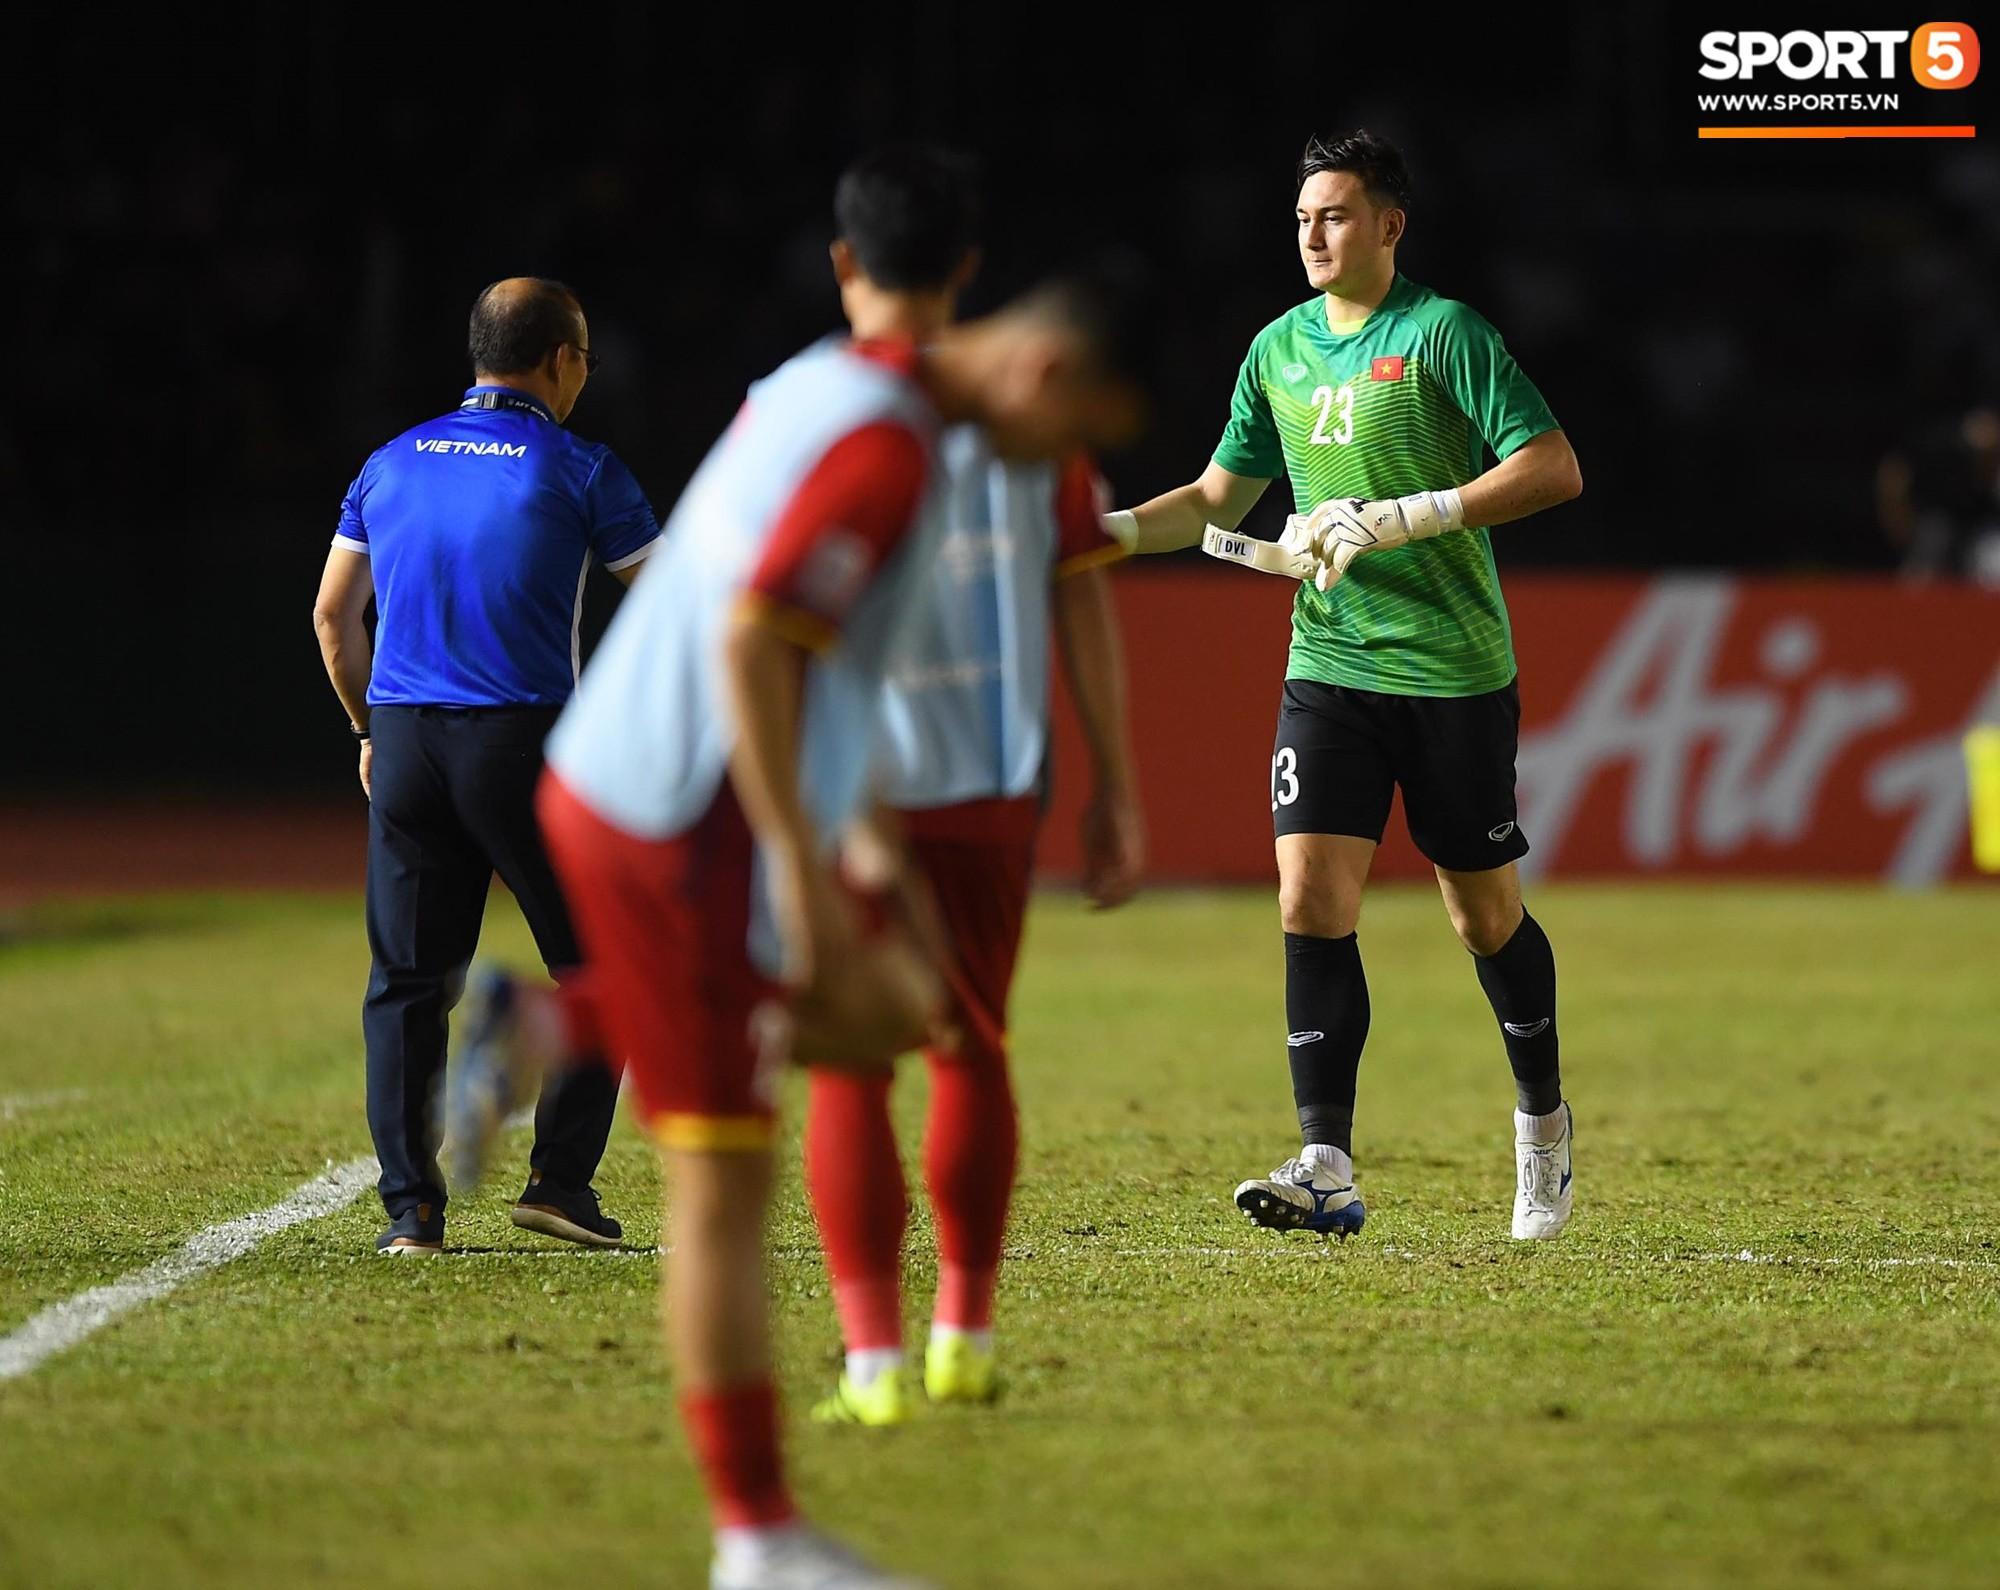 Đội tuyển Việt Nam lập kỷ lục chưa từng có trong lịch sử AFF Cup 1